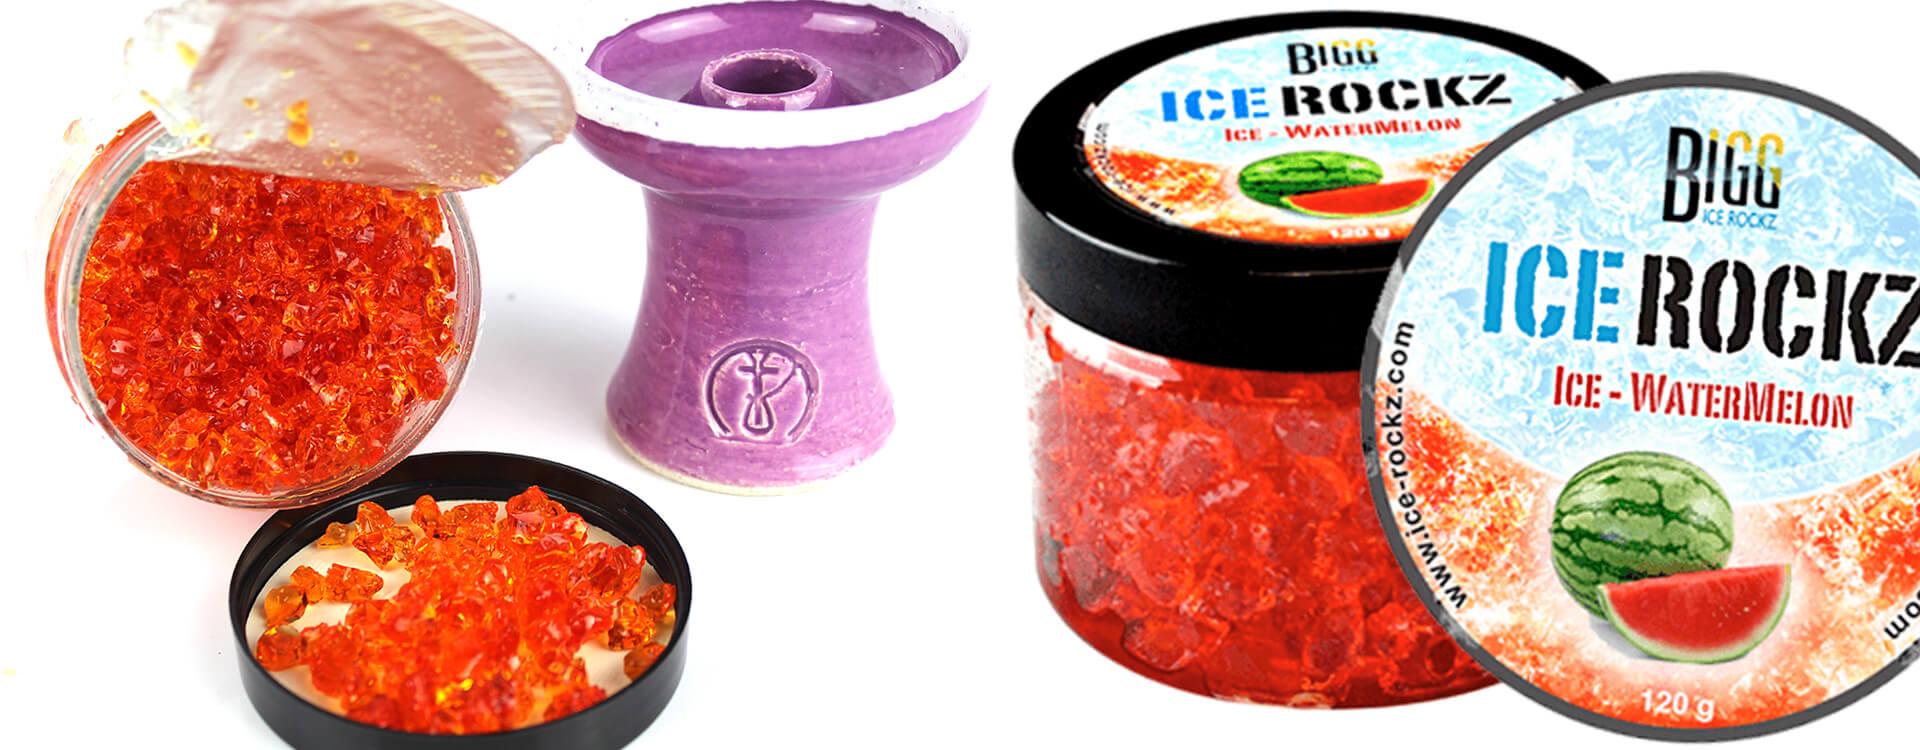 Kamienky do vodnej fajky ICE Rockz: balenie, detailný pohľad a korunka na vodnú fajku typu phunnel